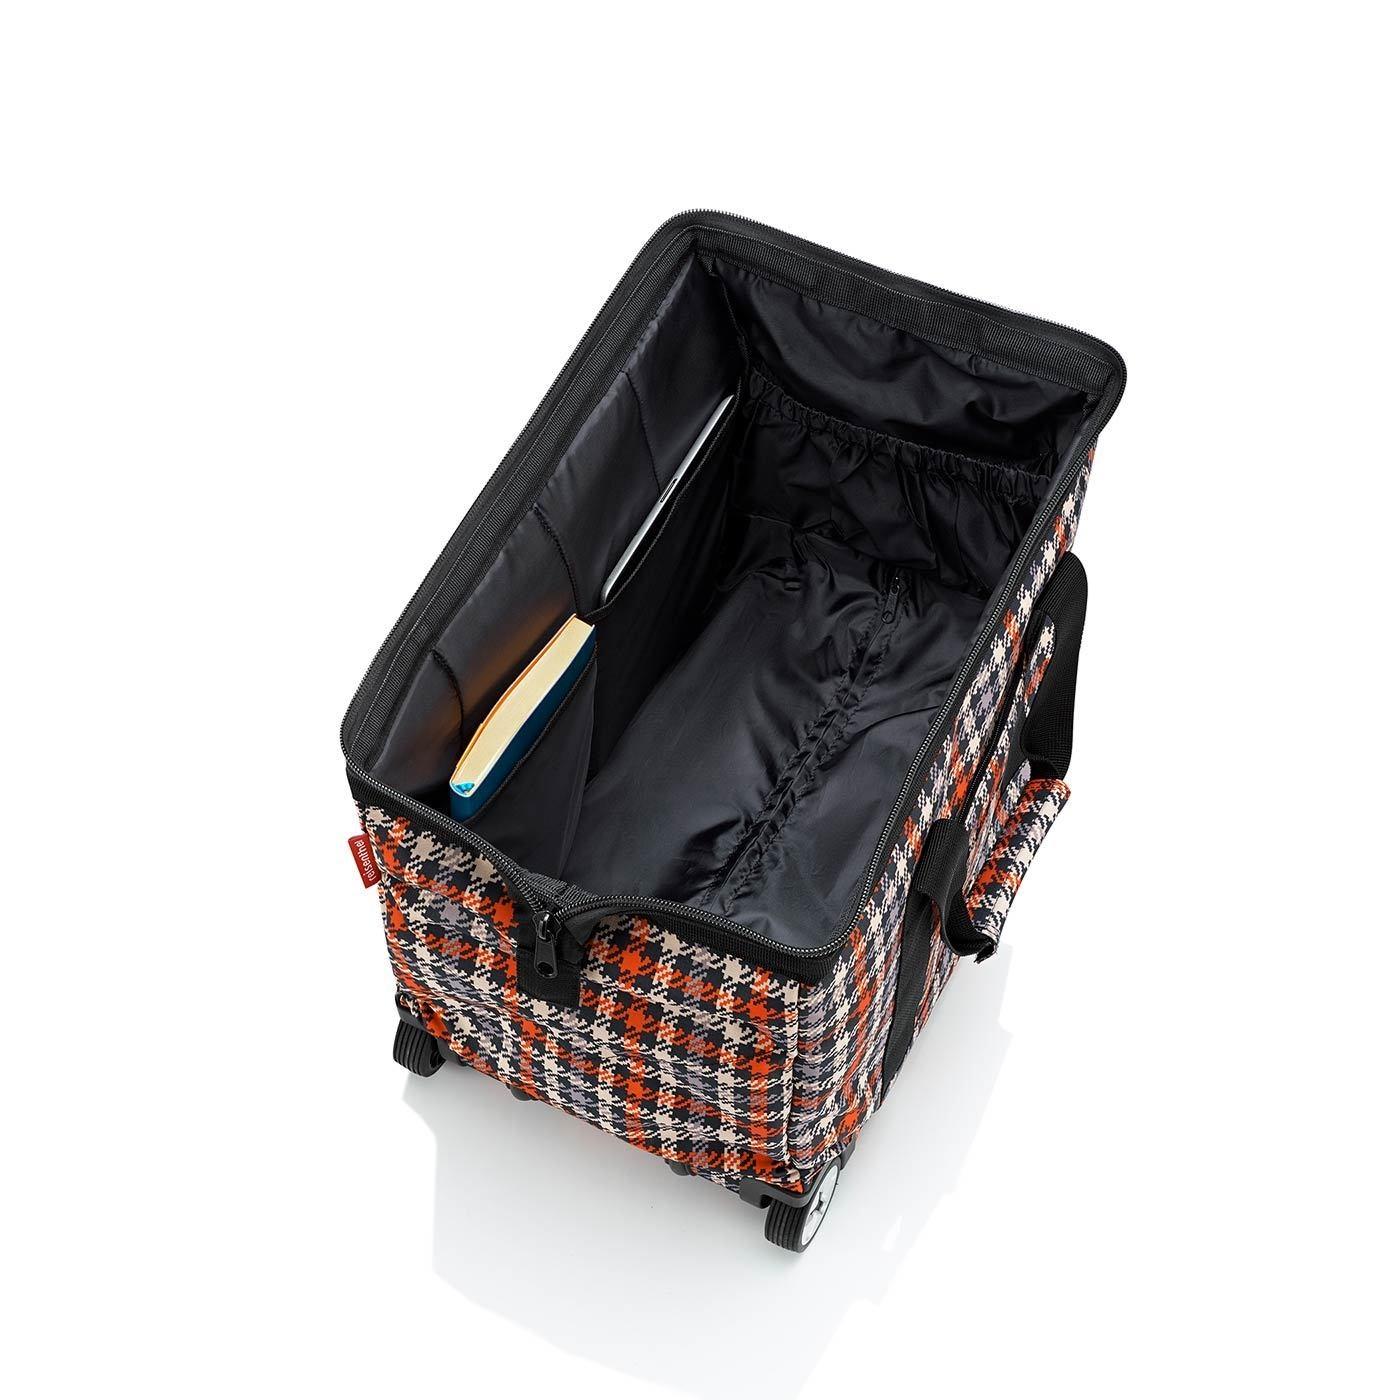 Cestovní taška na kolečkách Allrounder trolley glencheck_1